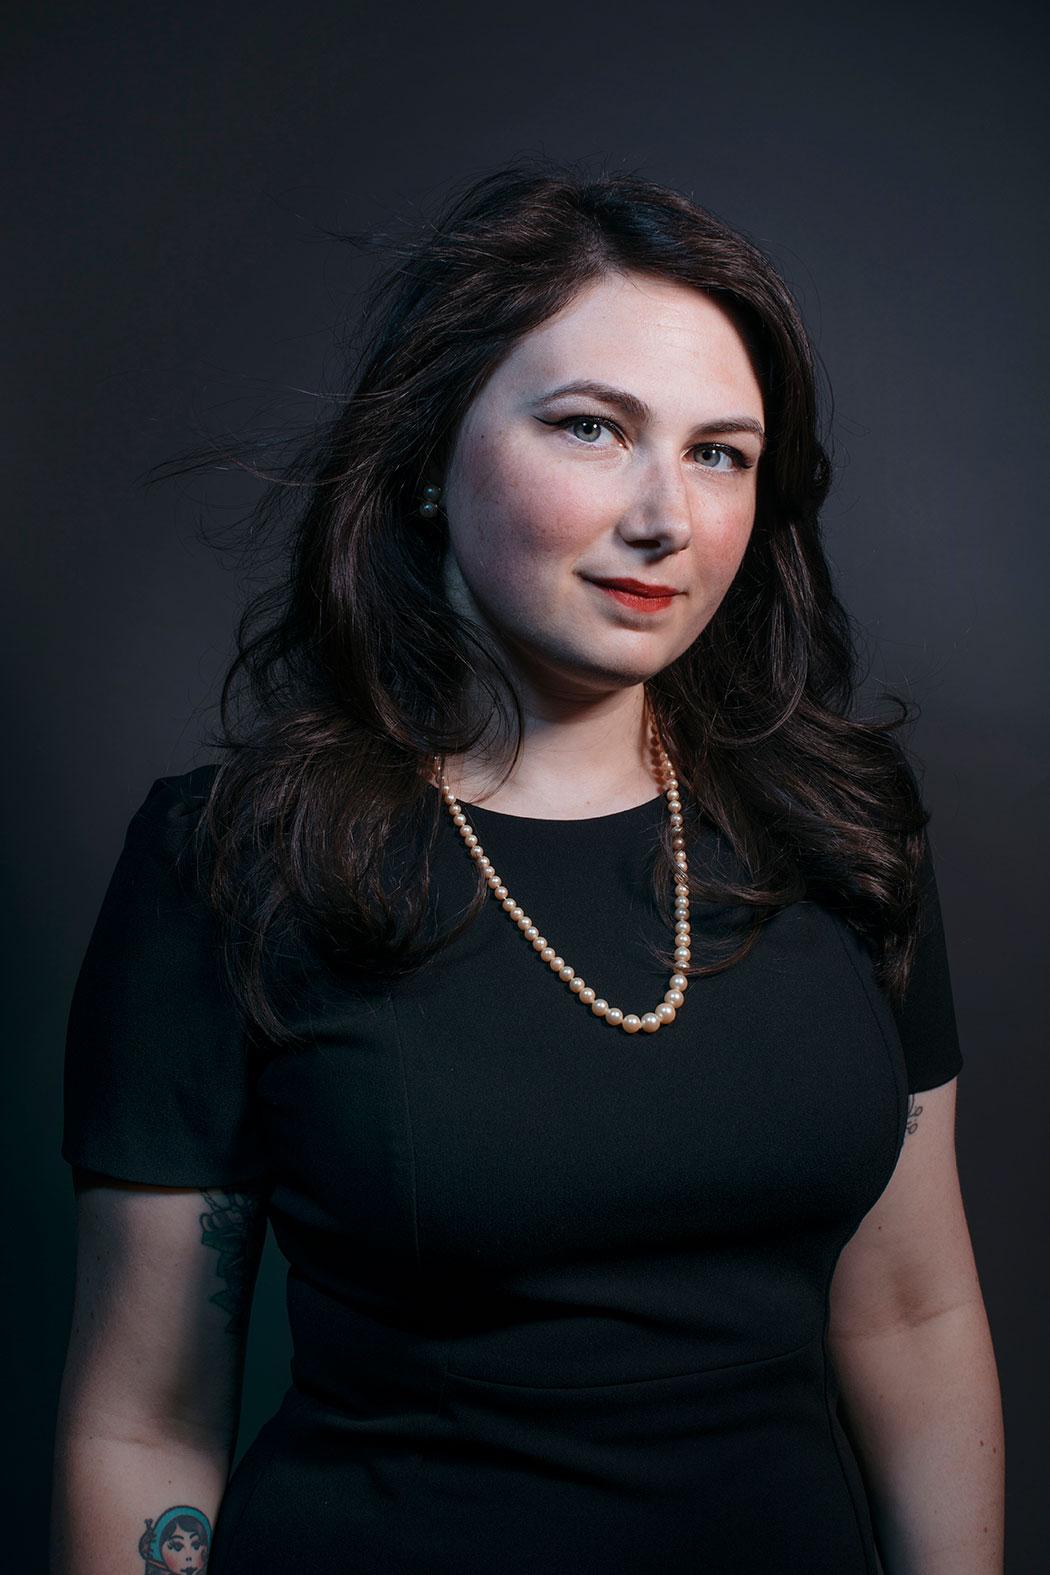 Nikki Kateman